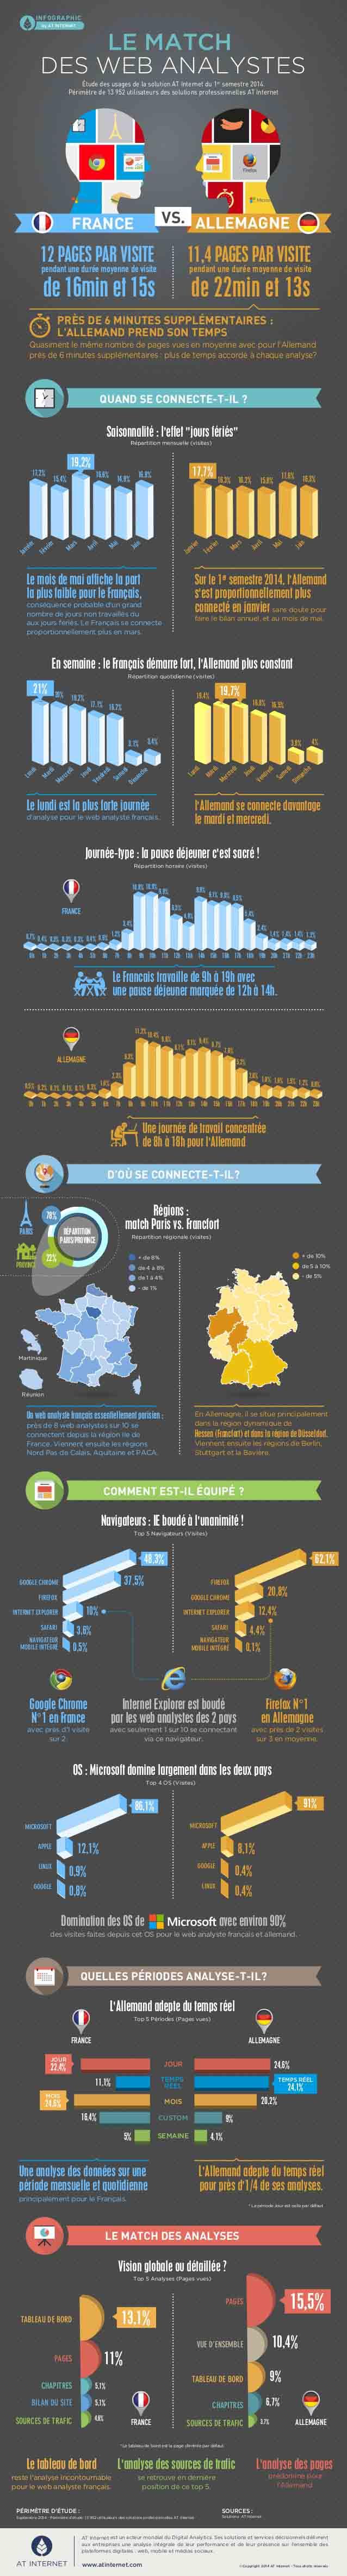 france-vs-allemagne-le-match-des-web-analystes-1-638